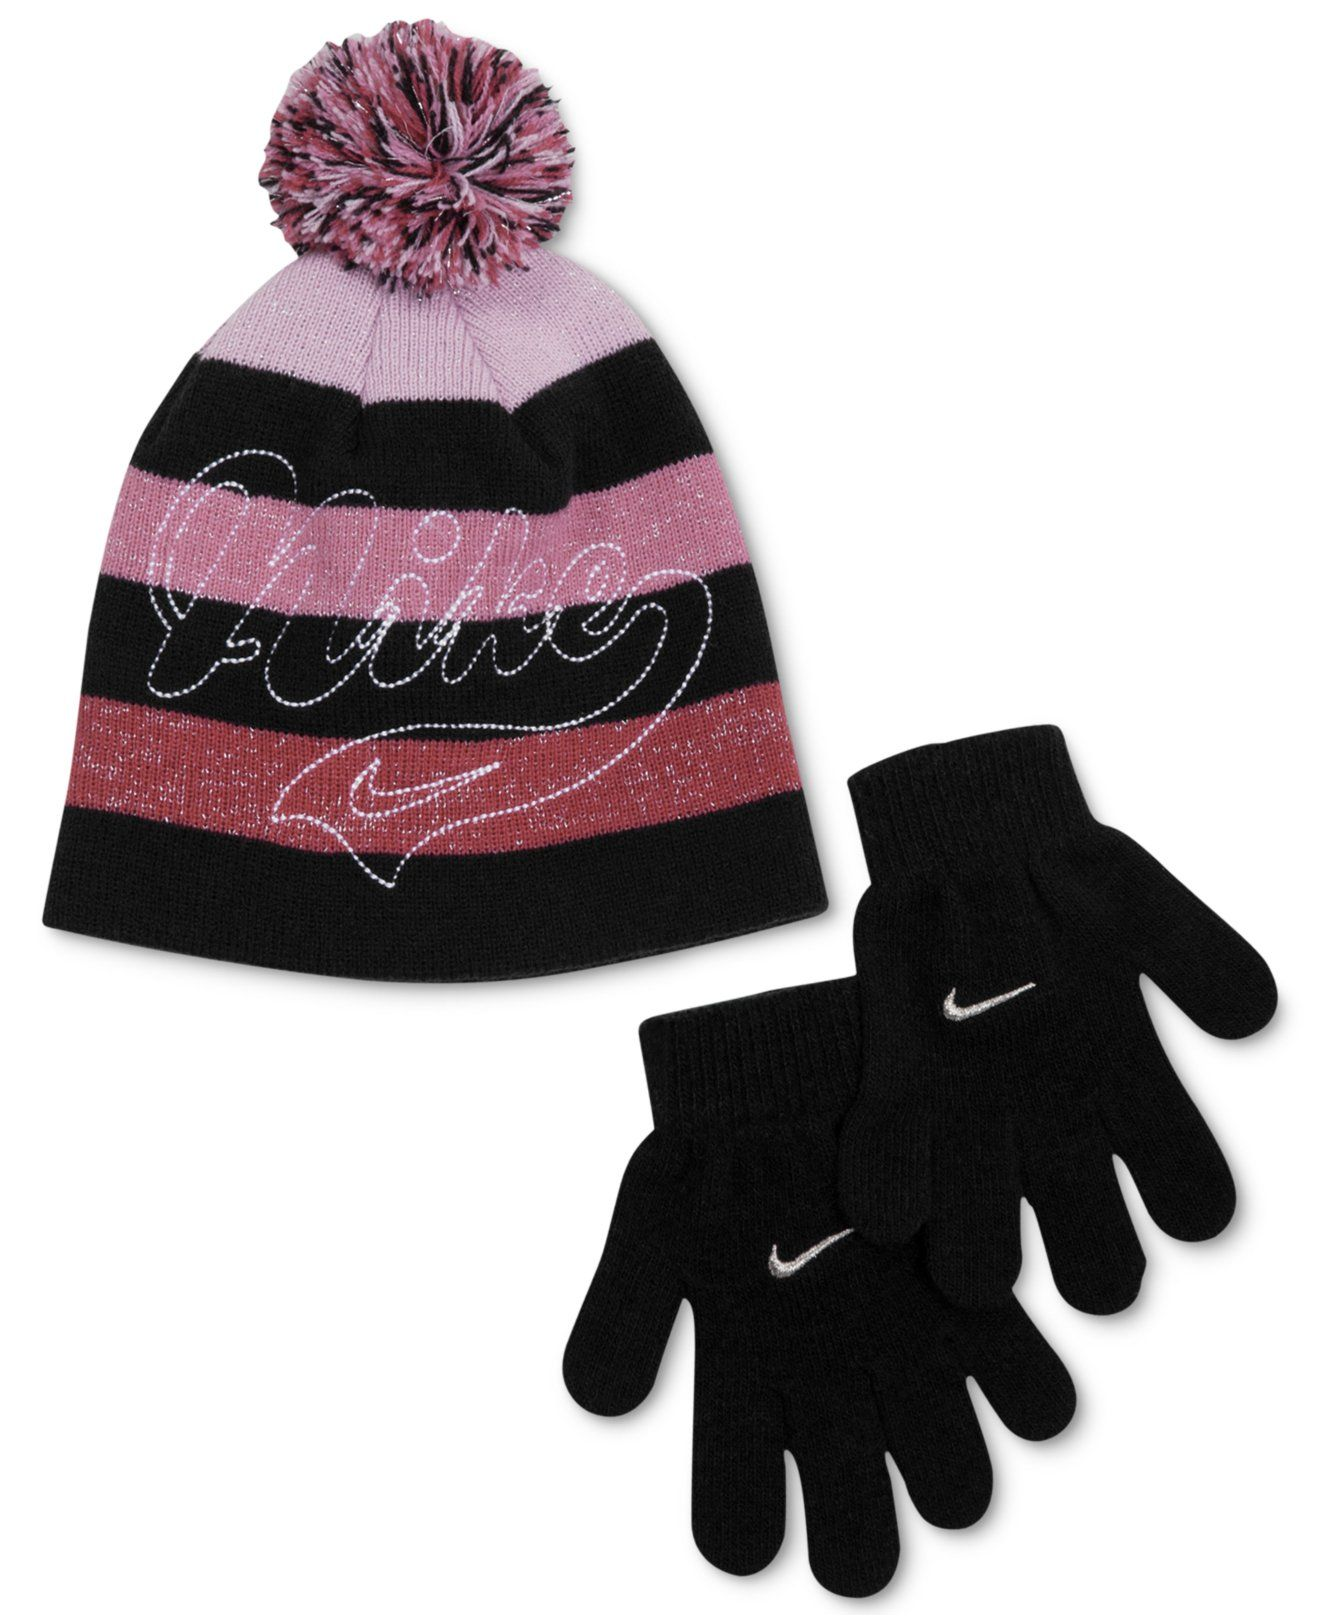 3d242775b1e Nike Girls  or Little Girls  Vintage Beanie   Gloves Set - Kids Girls 2-6X  - Macy s